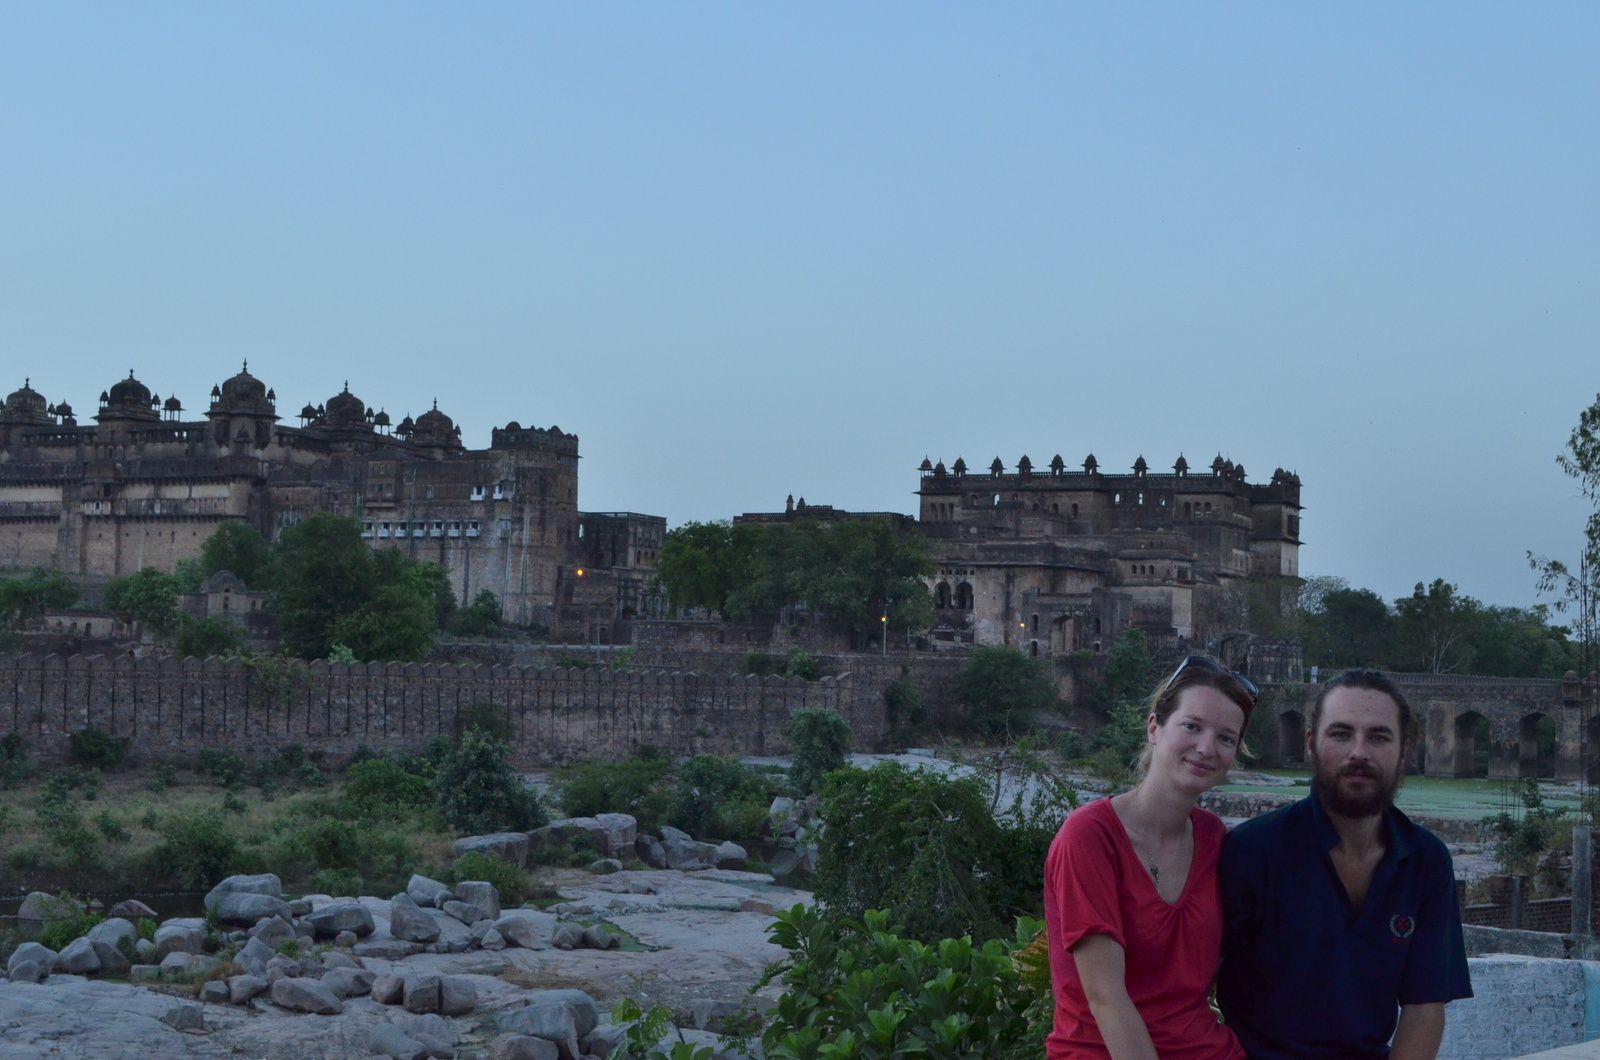 De Vanarasi à Agra: sur la route de trésors architecturaux...